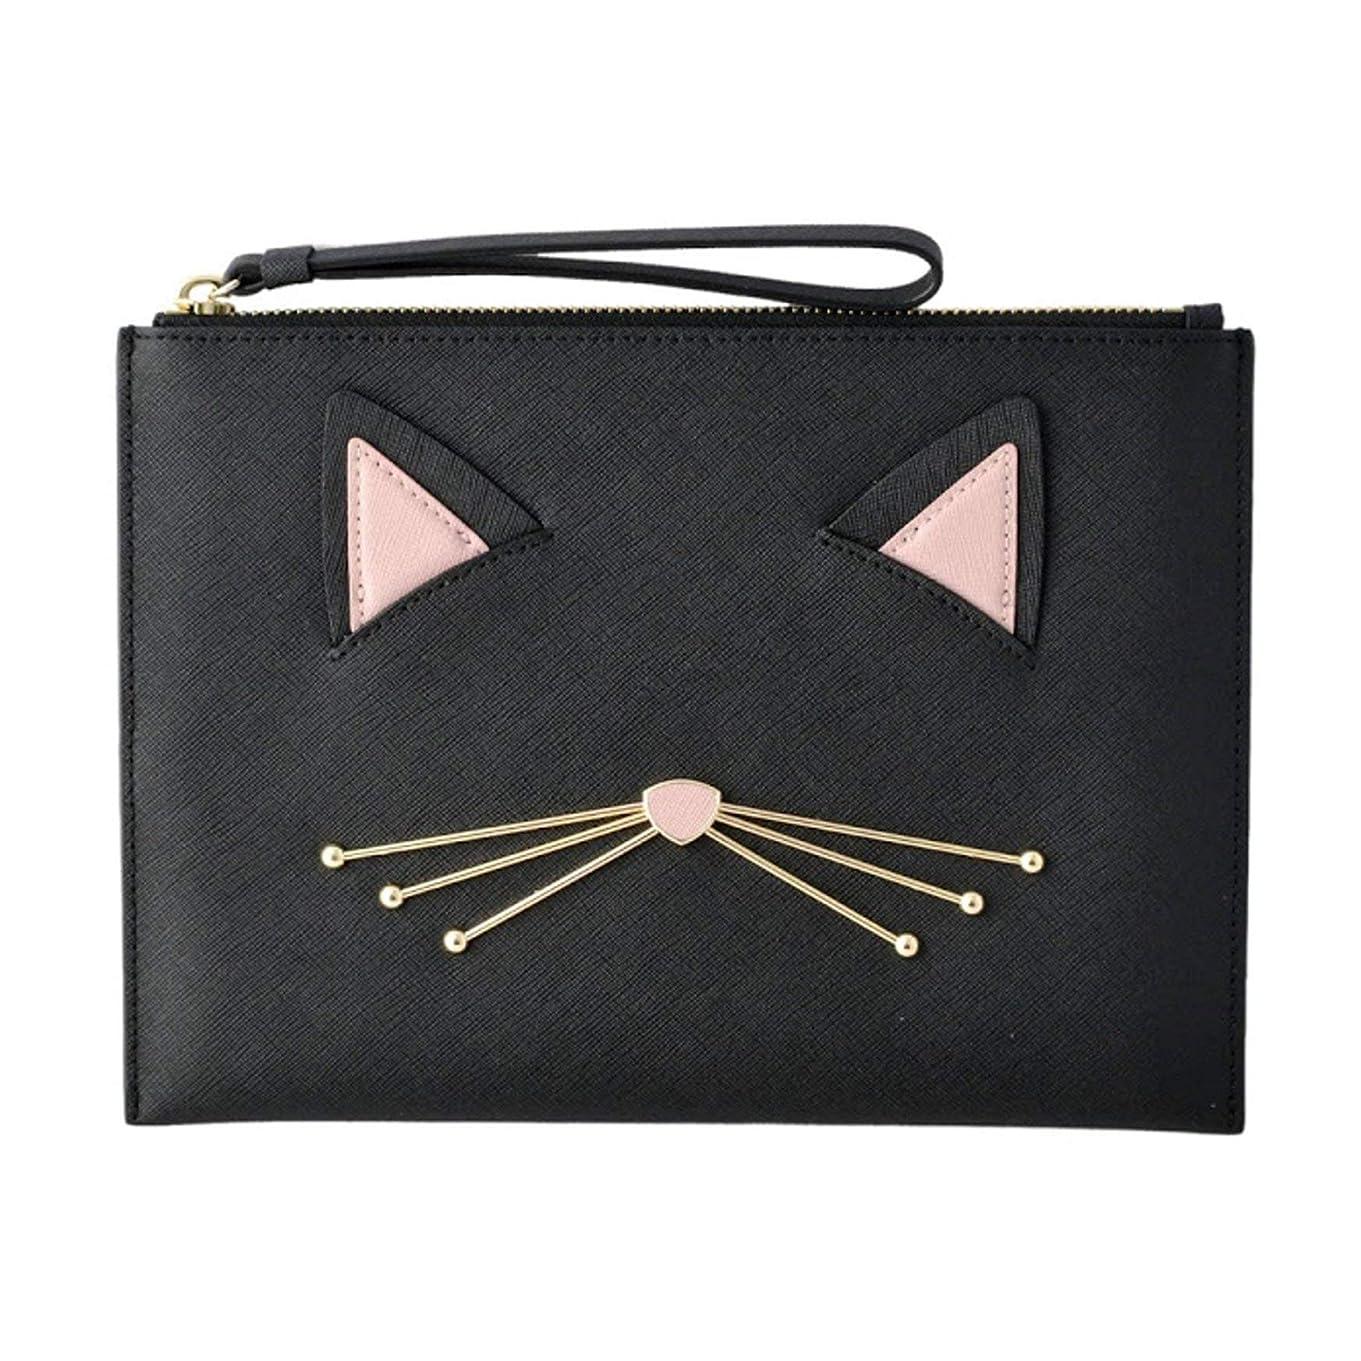 厳密に着服マットケイトスペード Kate Spade PWRU6627 098 猫モチーフ ハンドポーチ クラッチバッグ CAT'S MEOW cat medium bella pouch [並行輸入品]